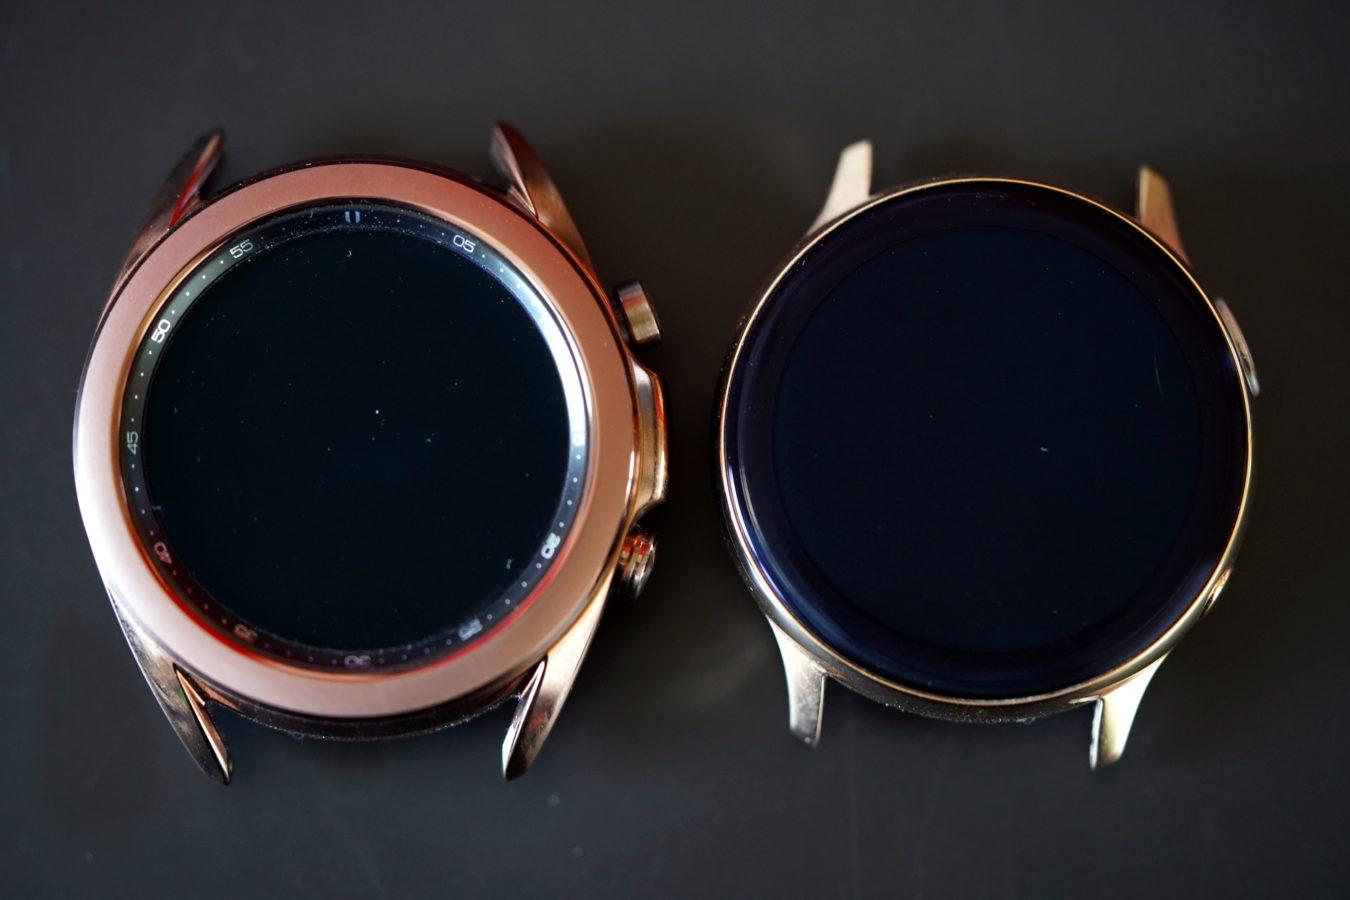 Chciałabym, żeby działał dłużej - taki jest fajny. Recenzja Samsung Galaxy Watch 3 33 samsung galaxy watch 3